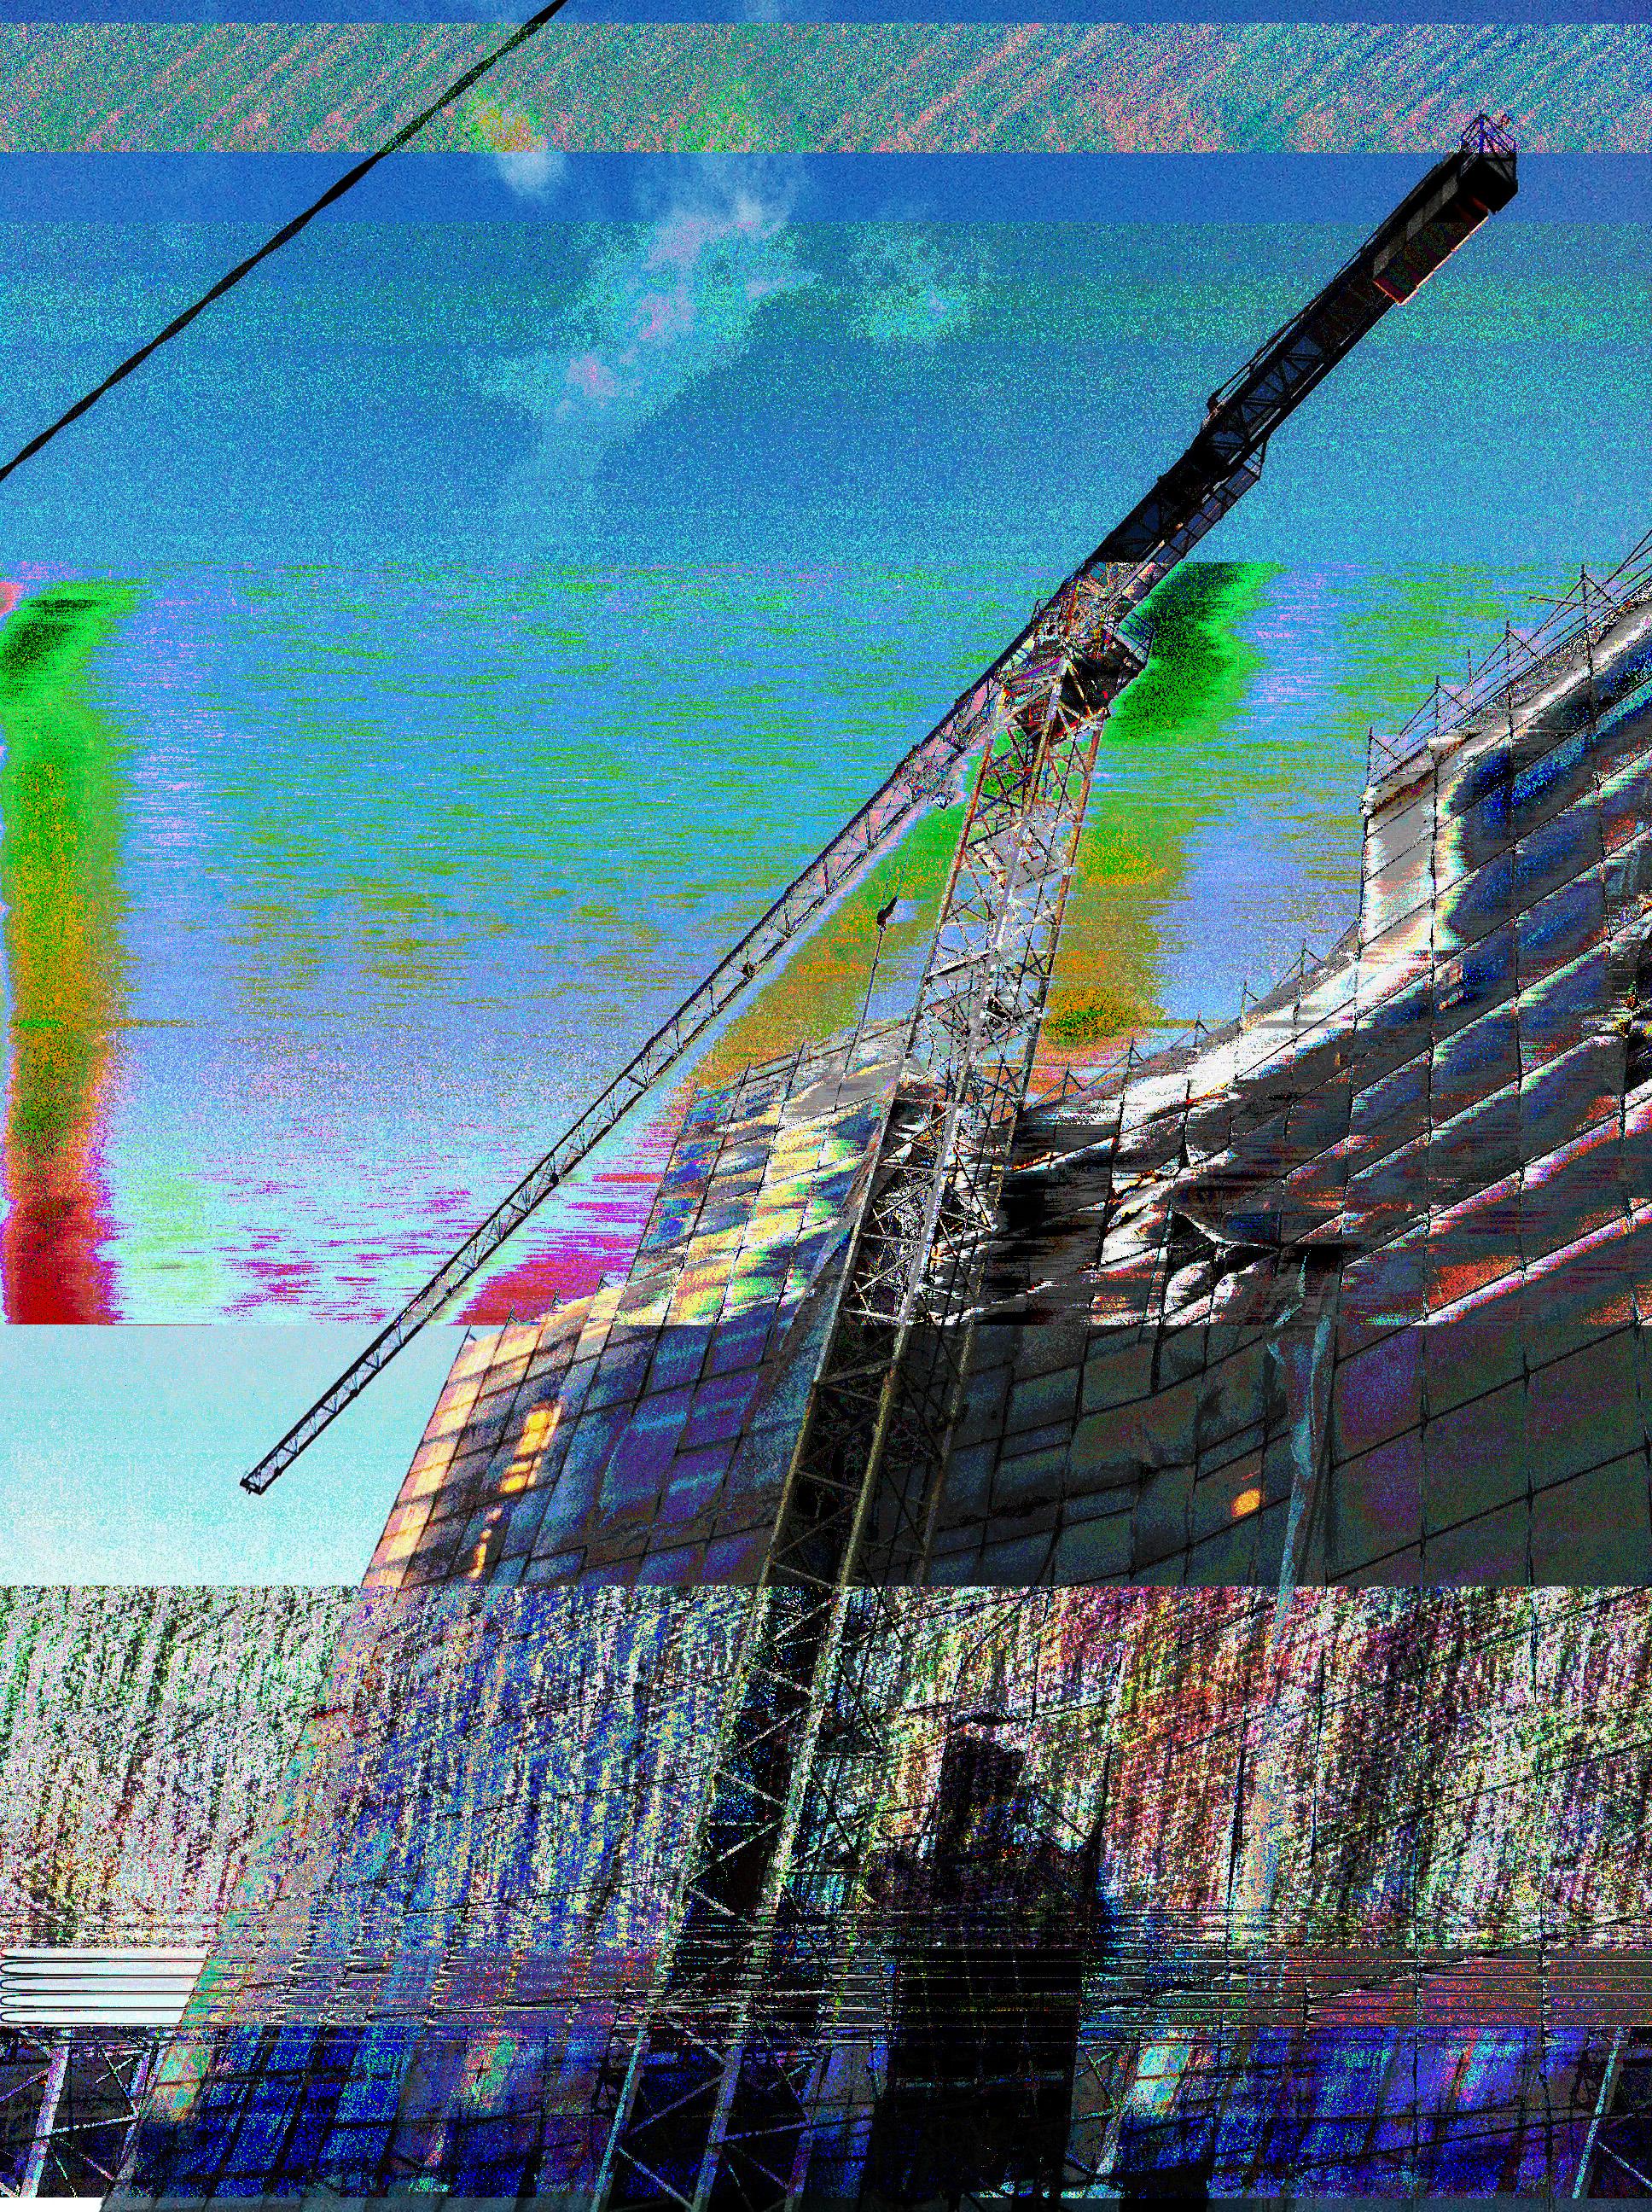 2013-02-03 17.23.10_glitch